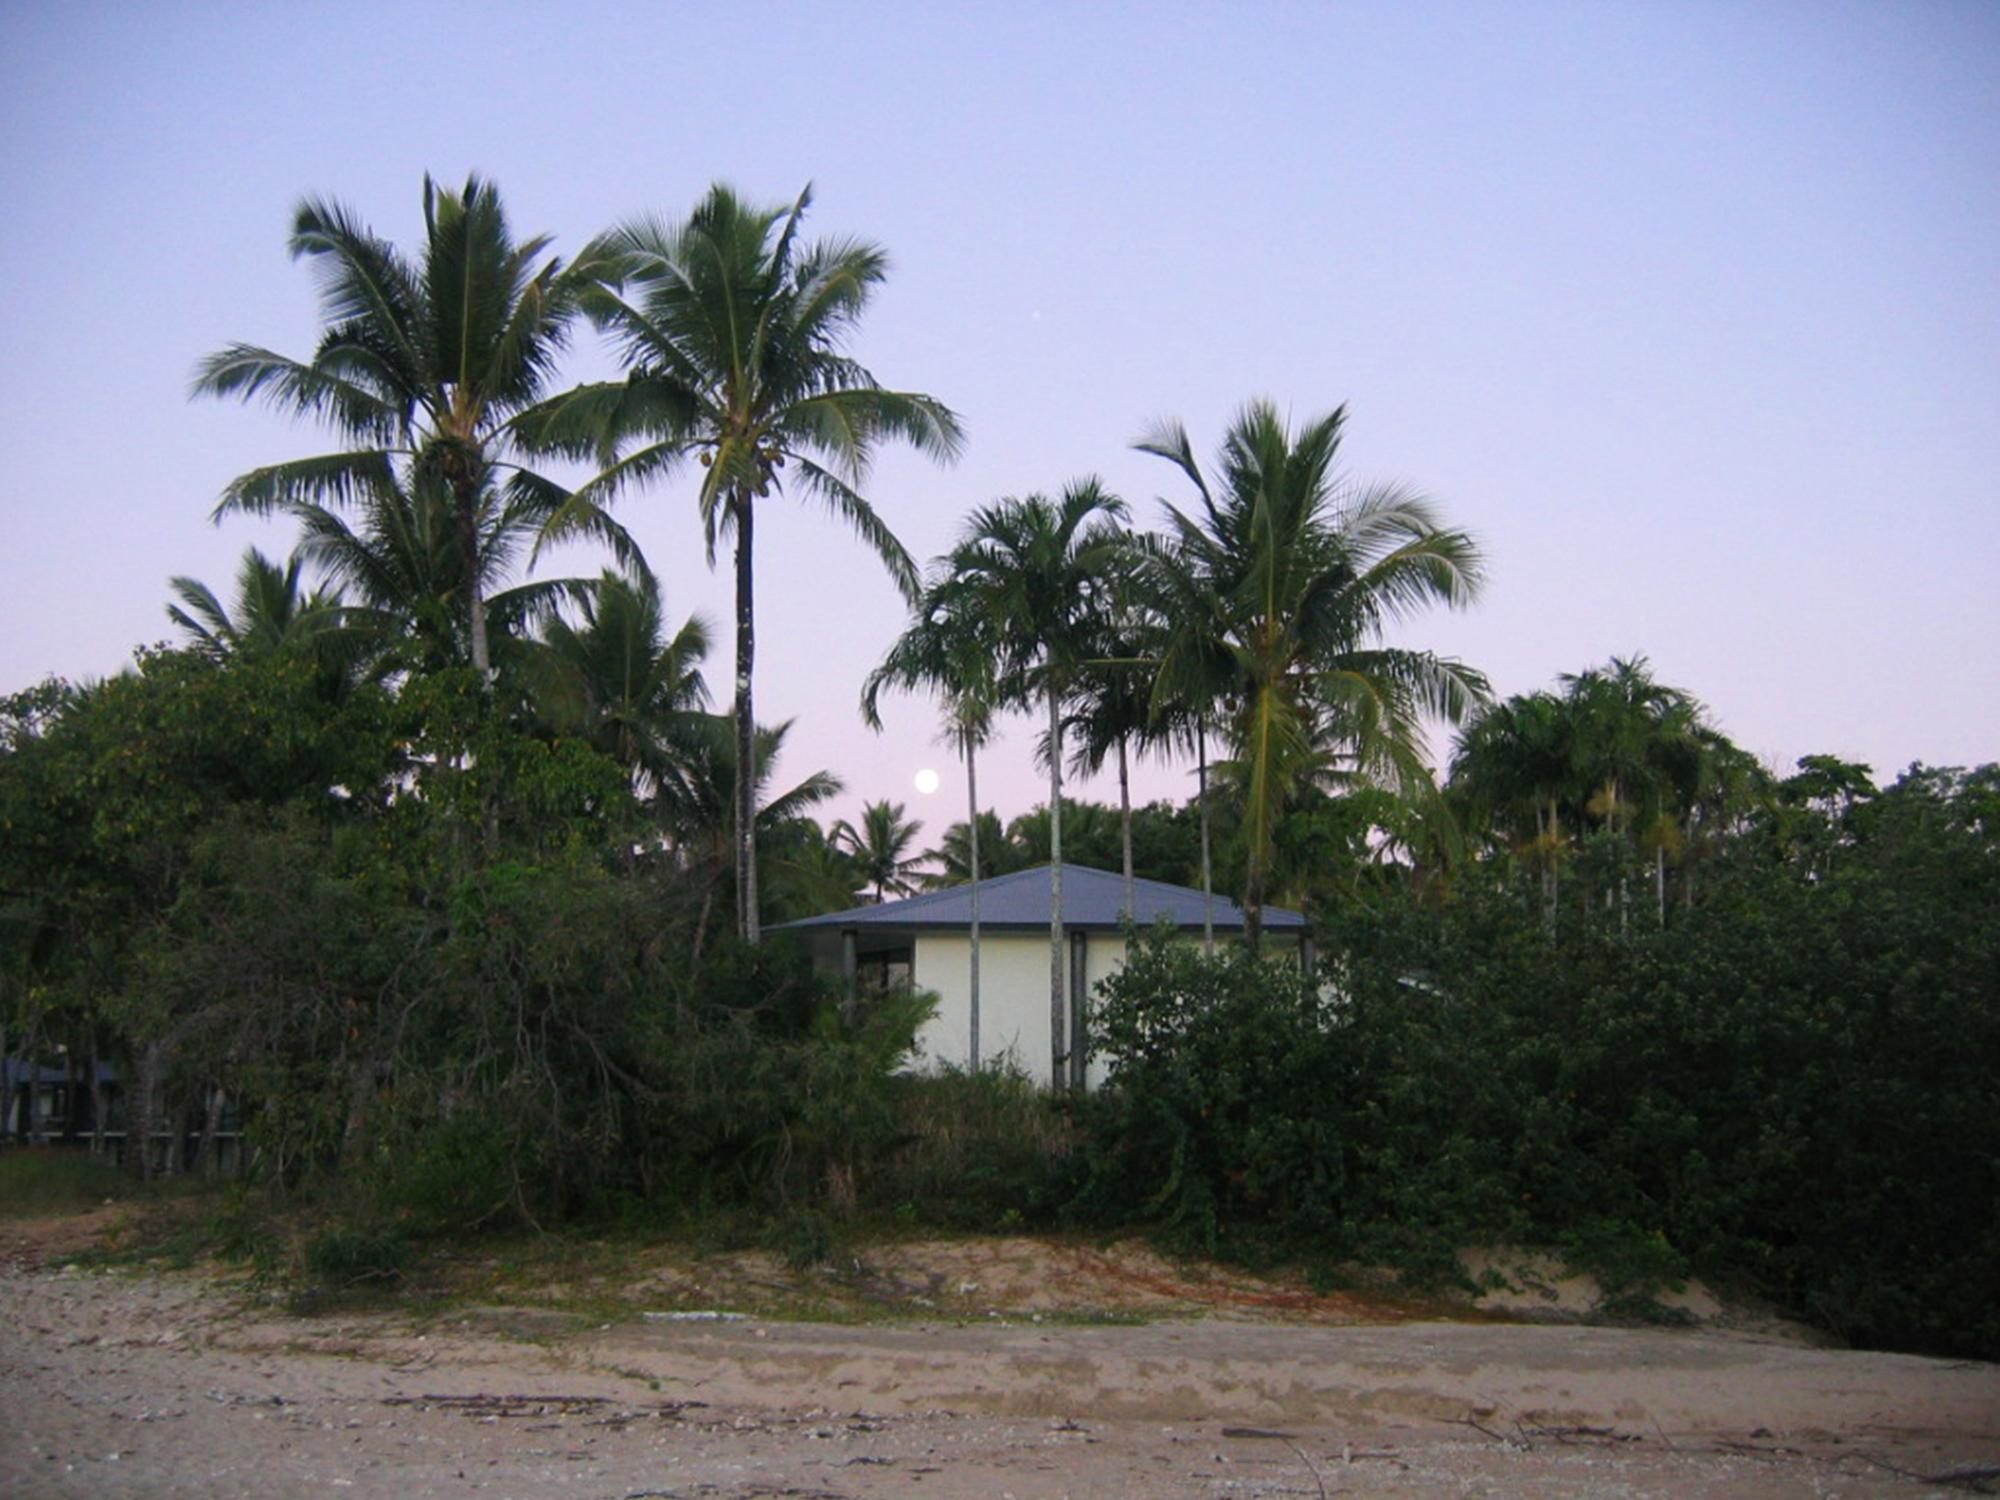 Road trip en Australie - Dunk Island